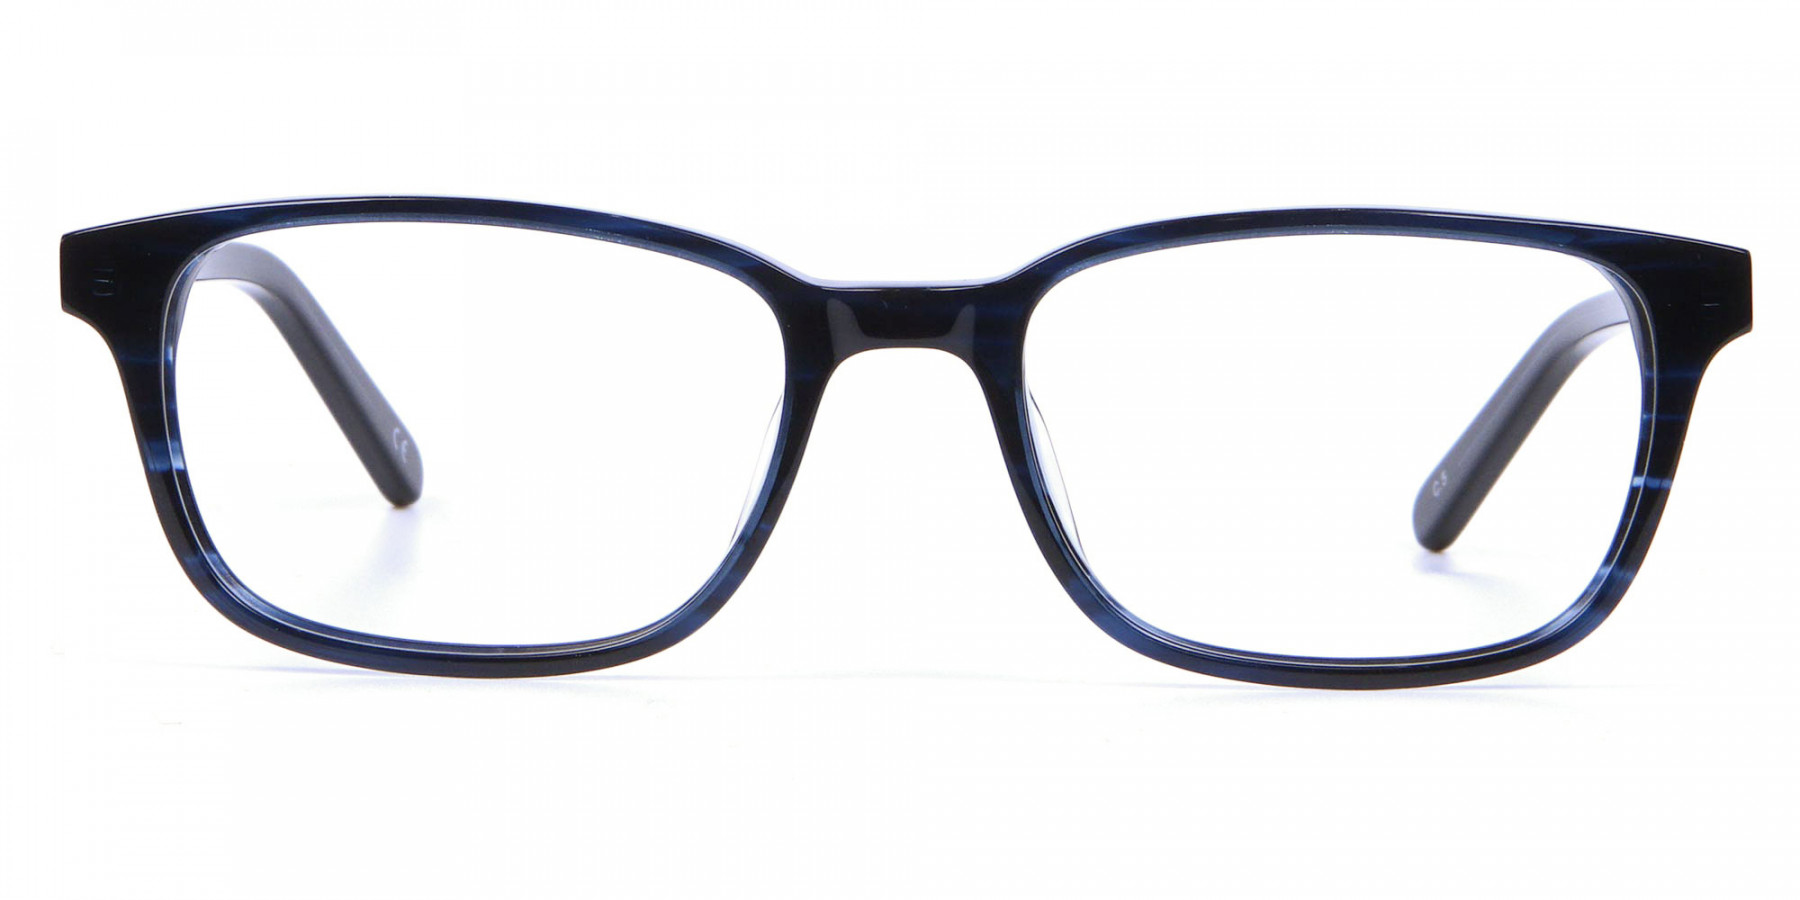 Designer Blue Rectangular Glasses